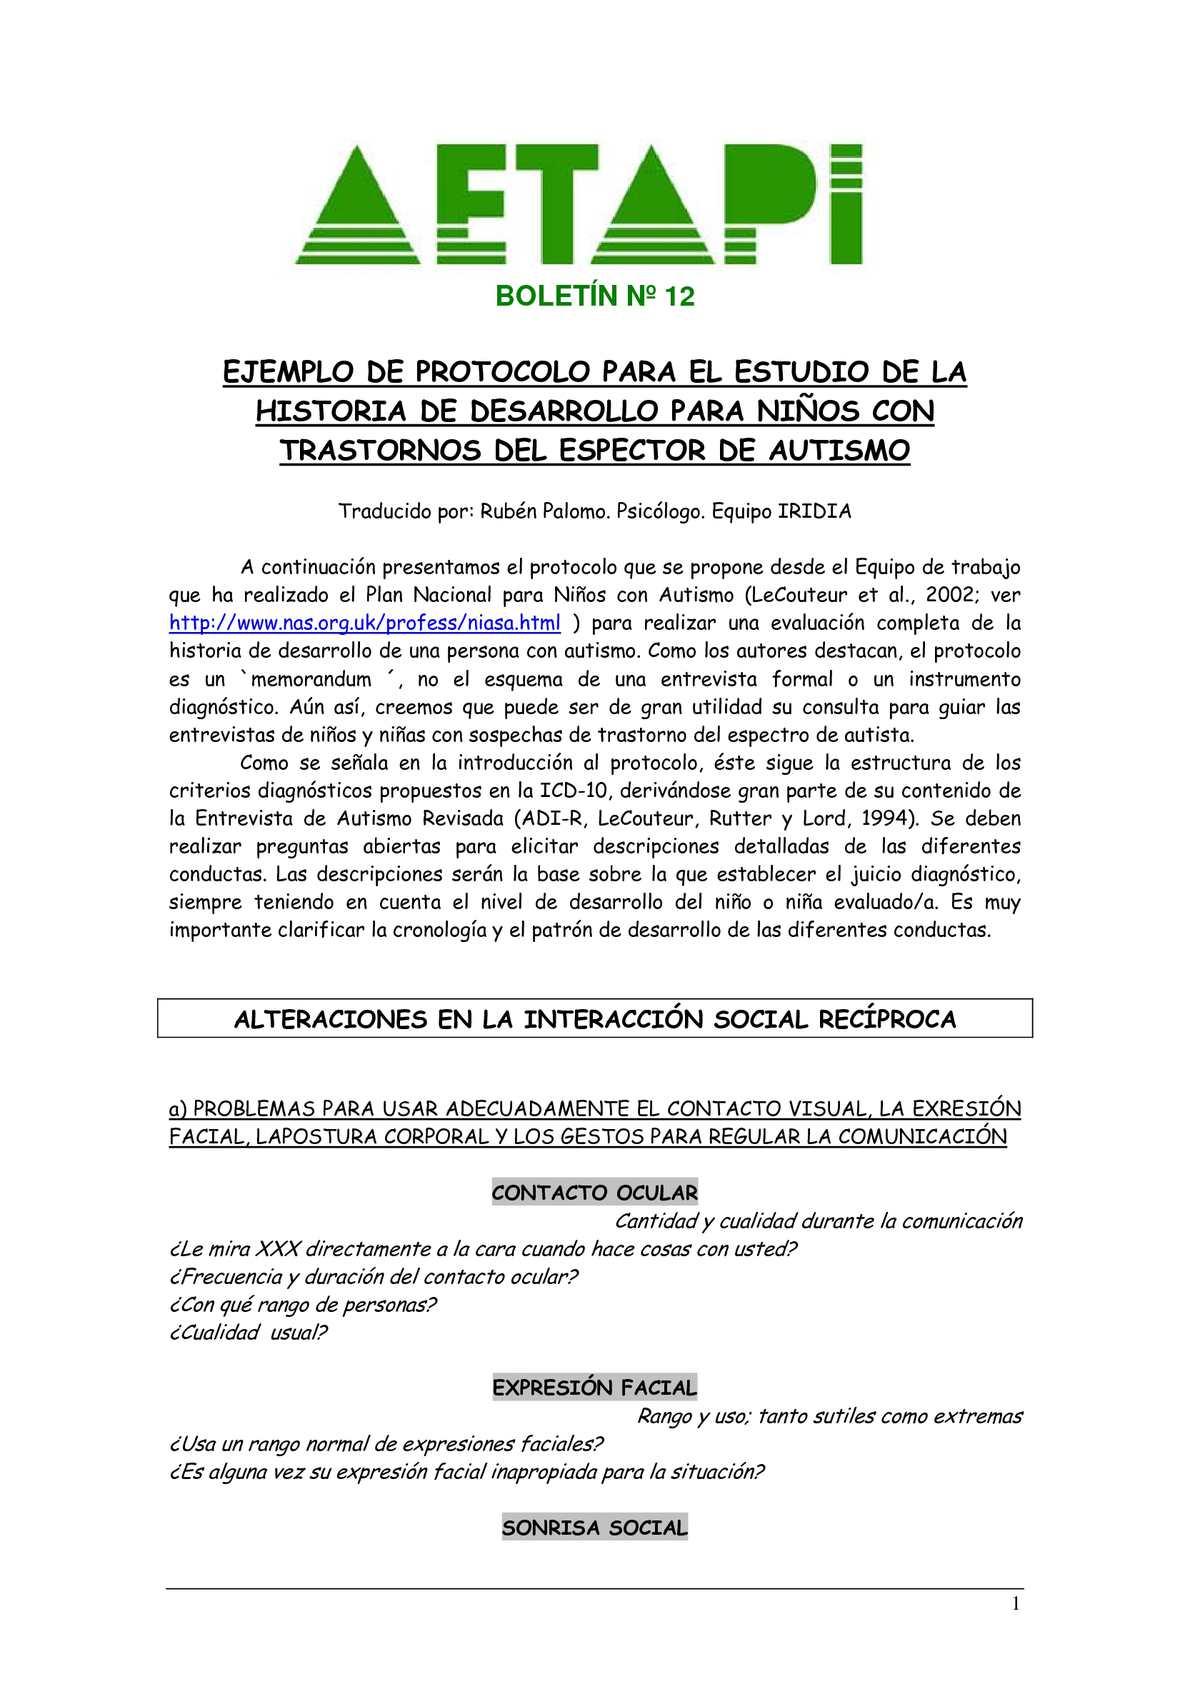 Calaméo - EJEMPLO DE PROTOCOLO PARA EL ESTUDIO DEL SA